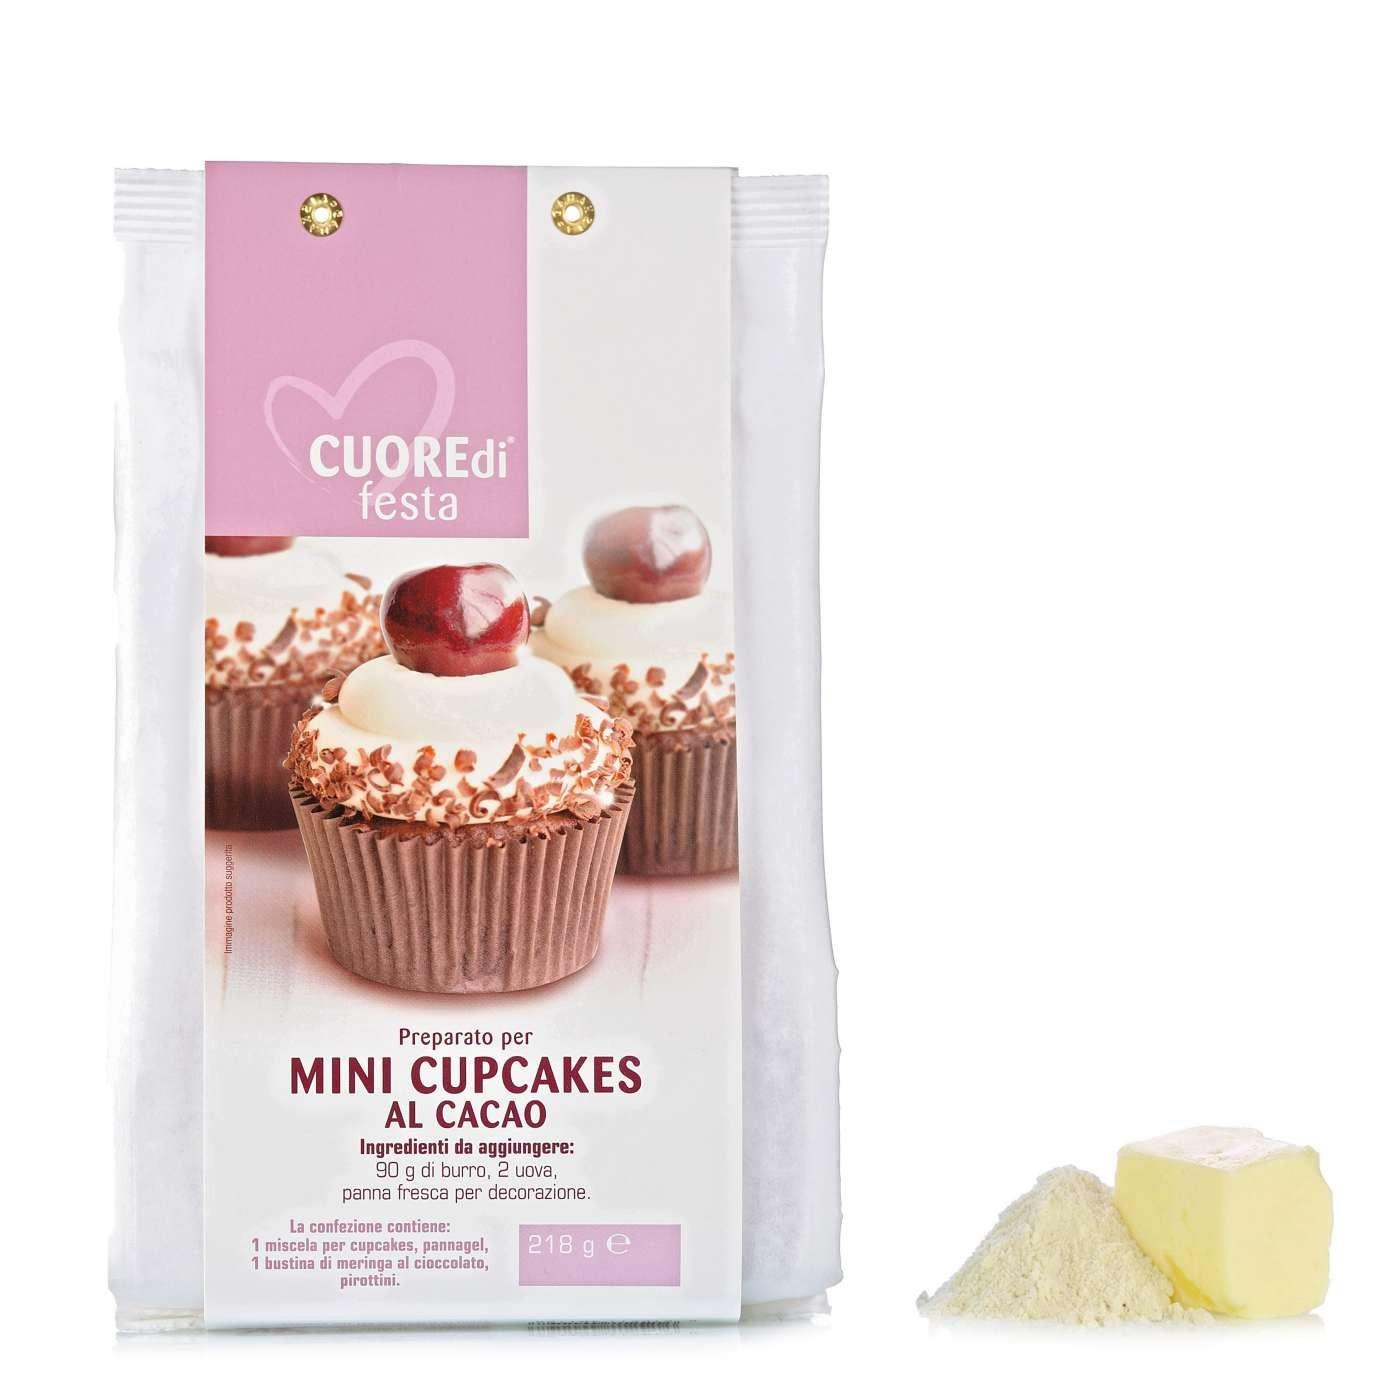 Eataly Cakes